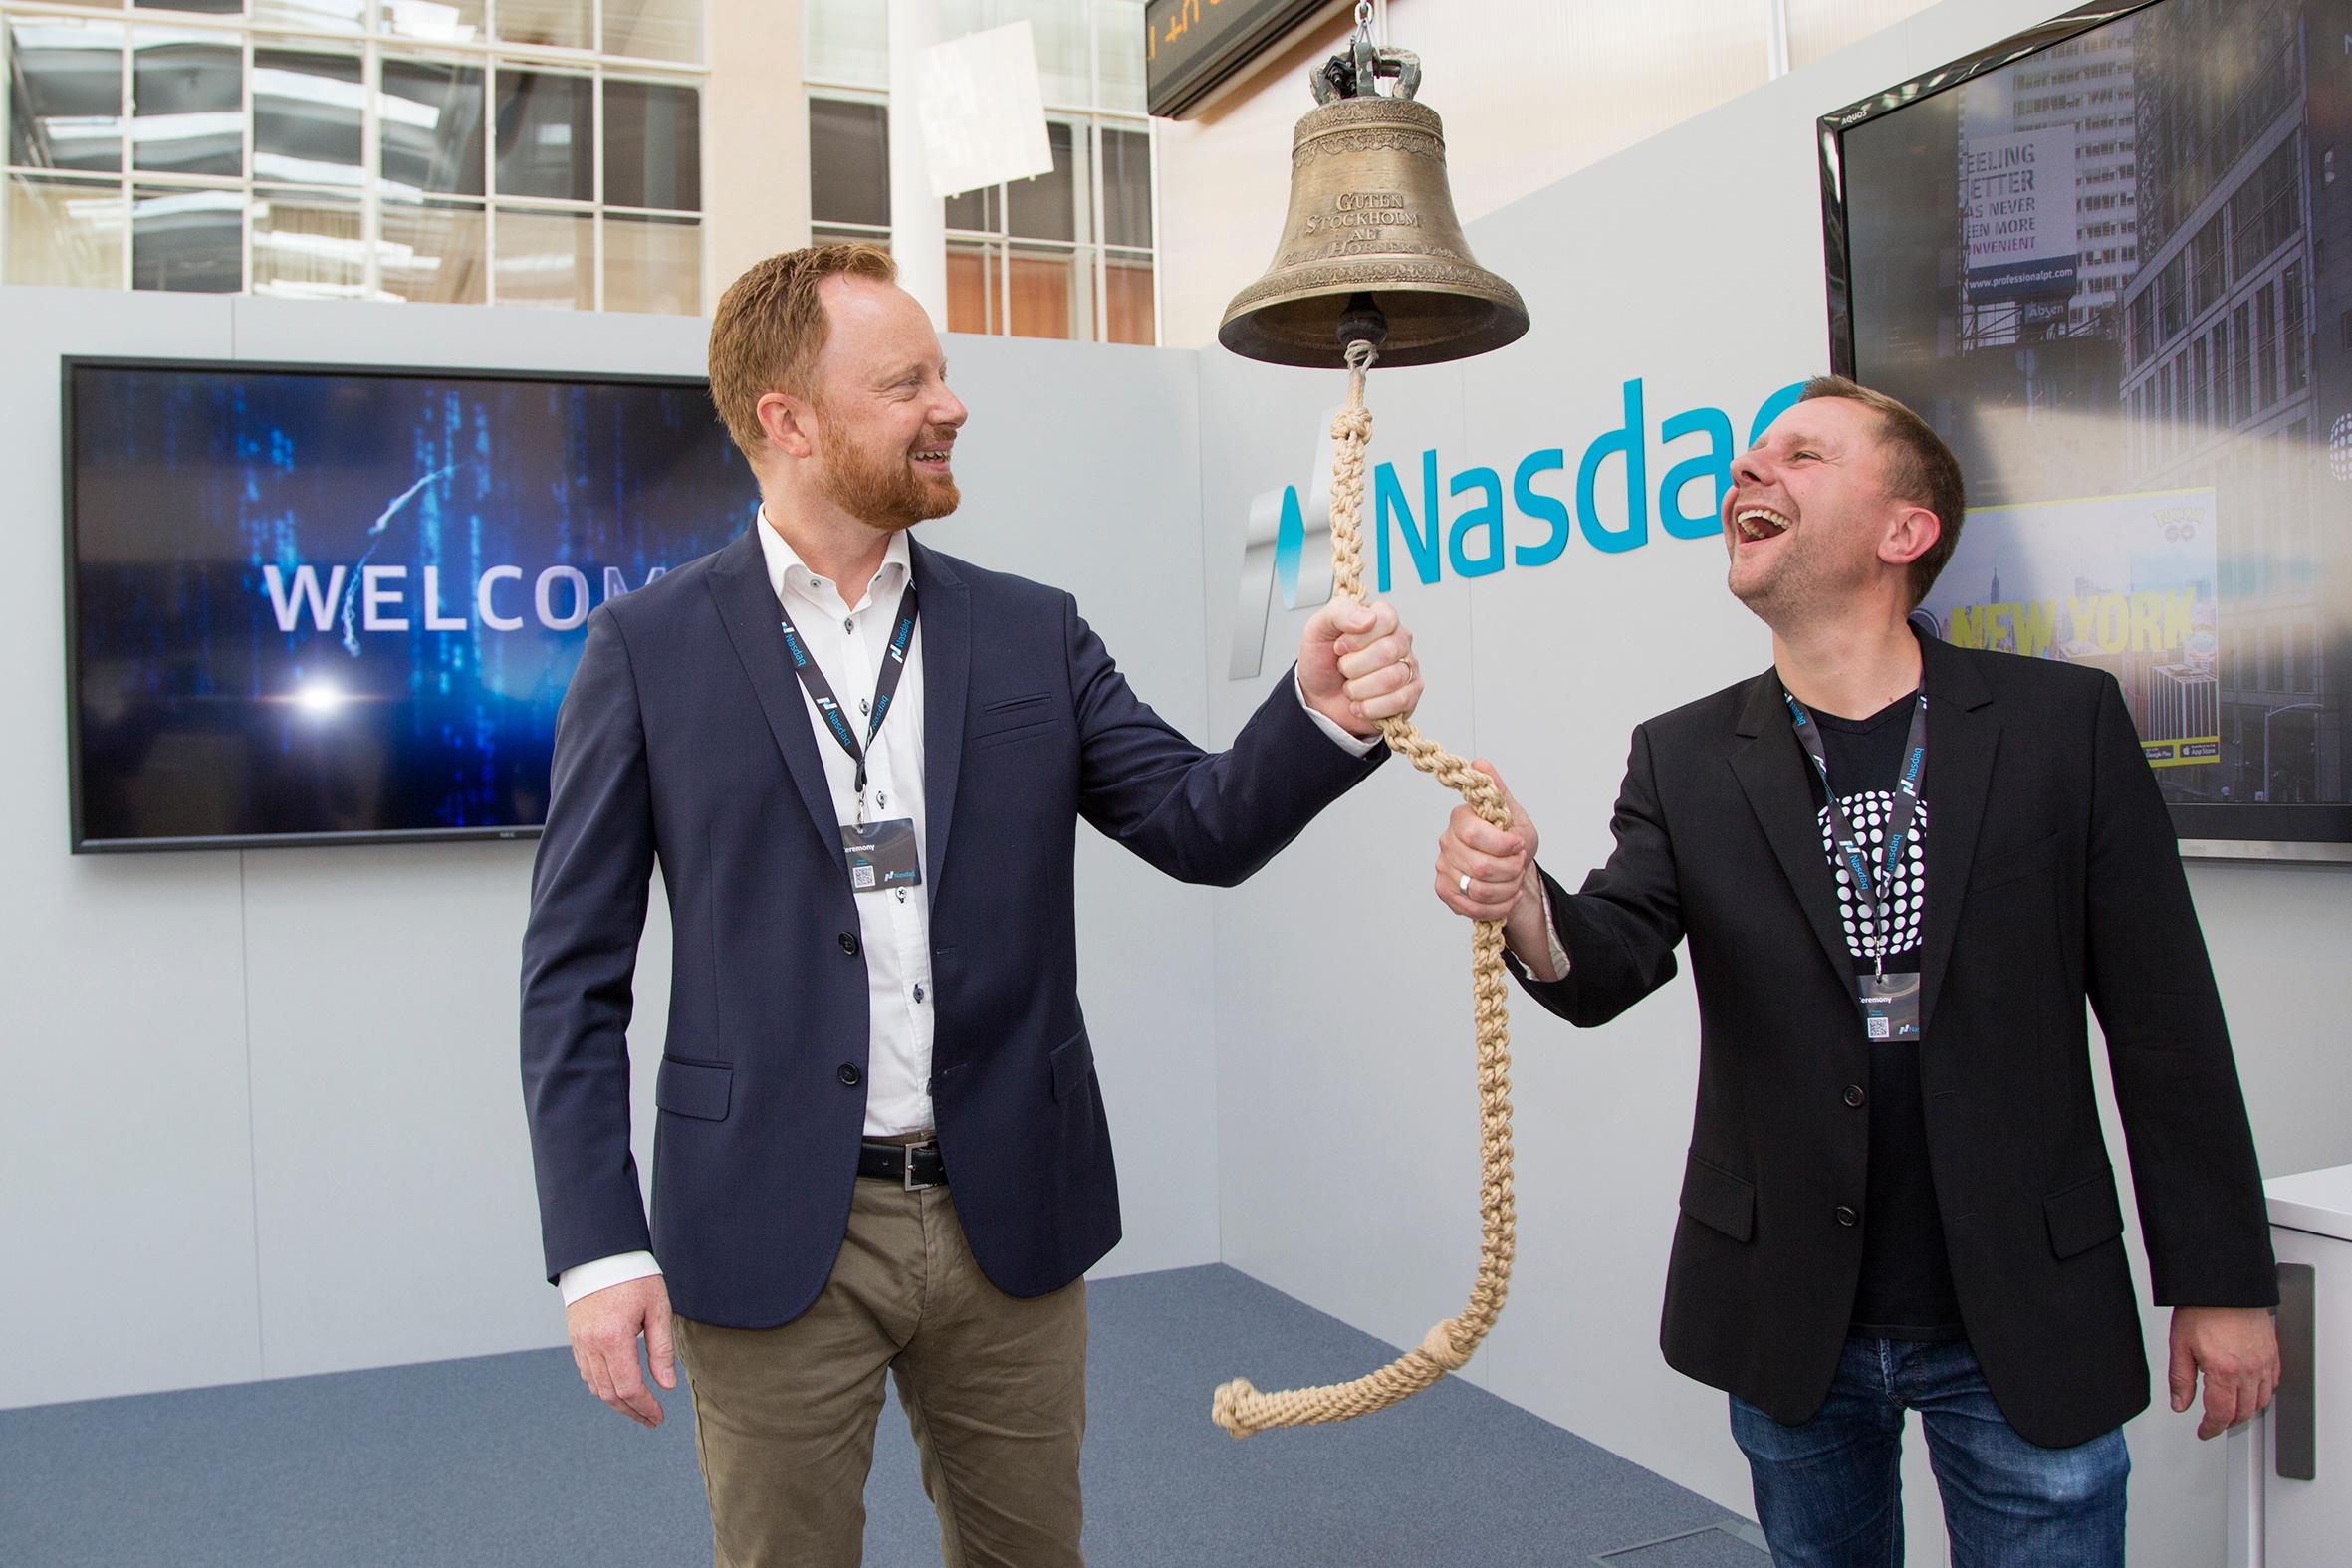 Realfiction ringing the bell at nasdaq HQ